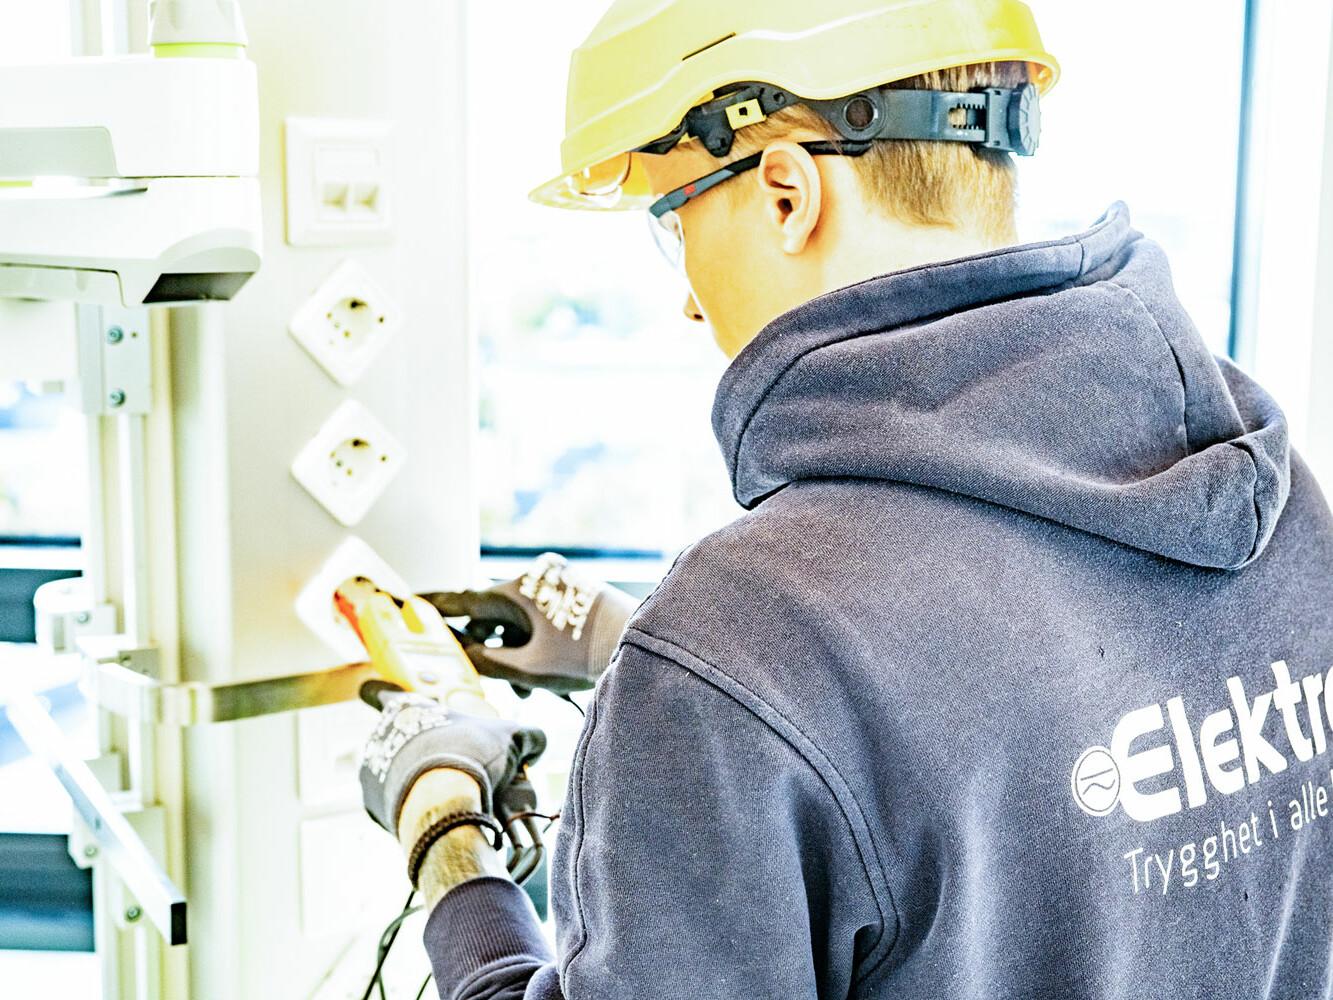 Elektriker hos Elektrogruppen som installerer støpsel.